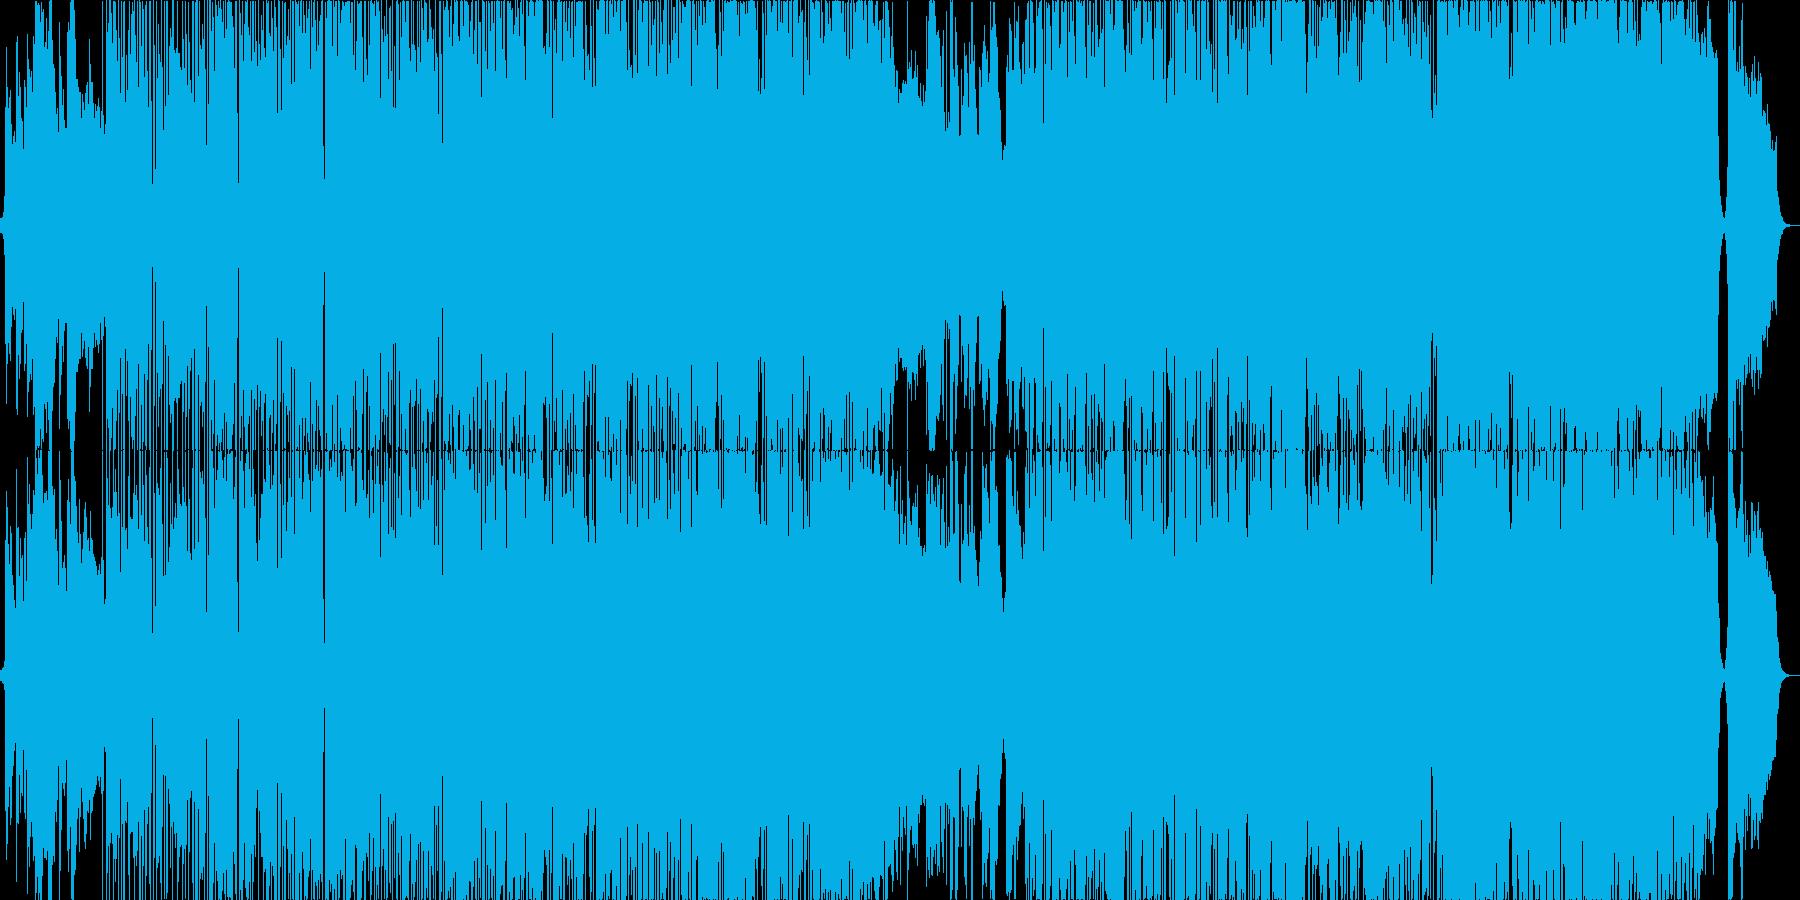 カフェミュージック:サックス Mix-Bの再生済みの波形